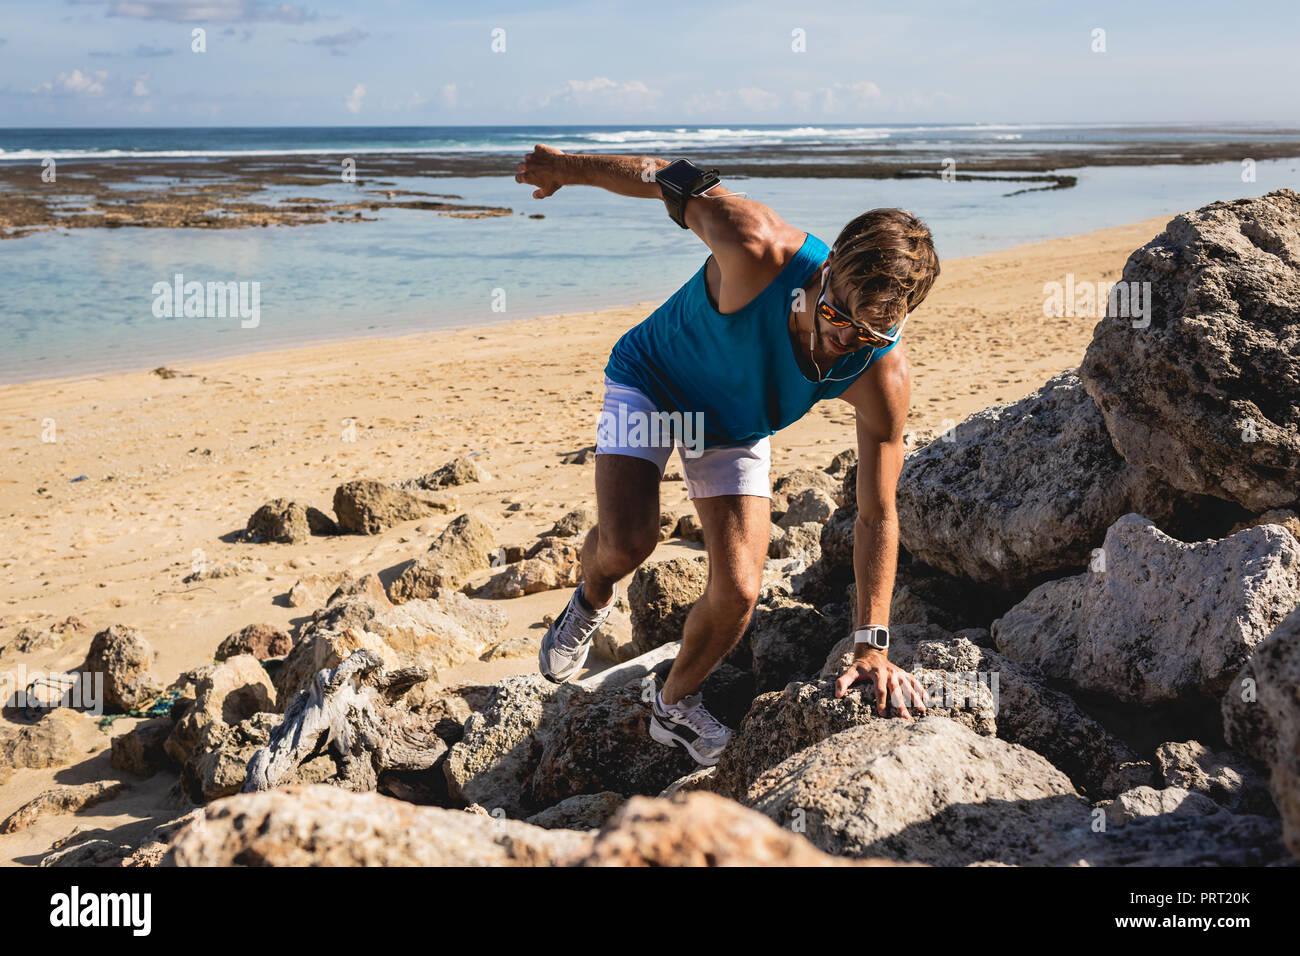 Sportivo arrampicata sulle rocce sulla spiaggia, Bali, Indonesia Immagini Stock